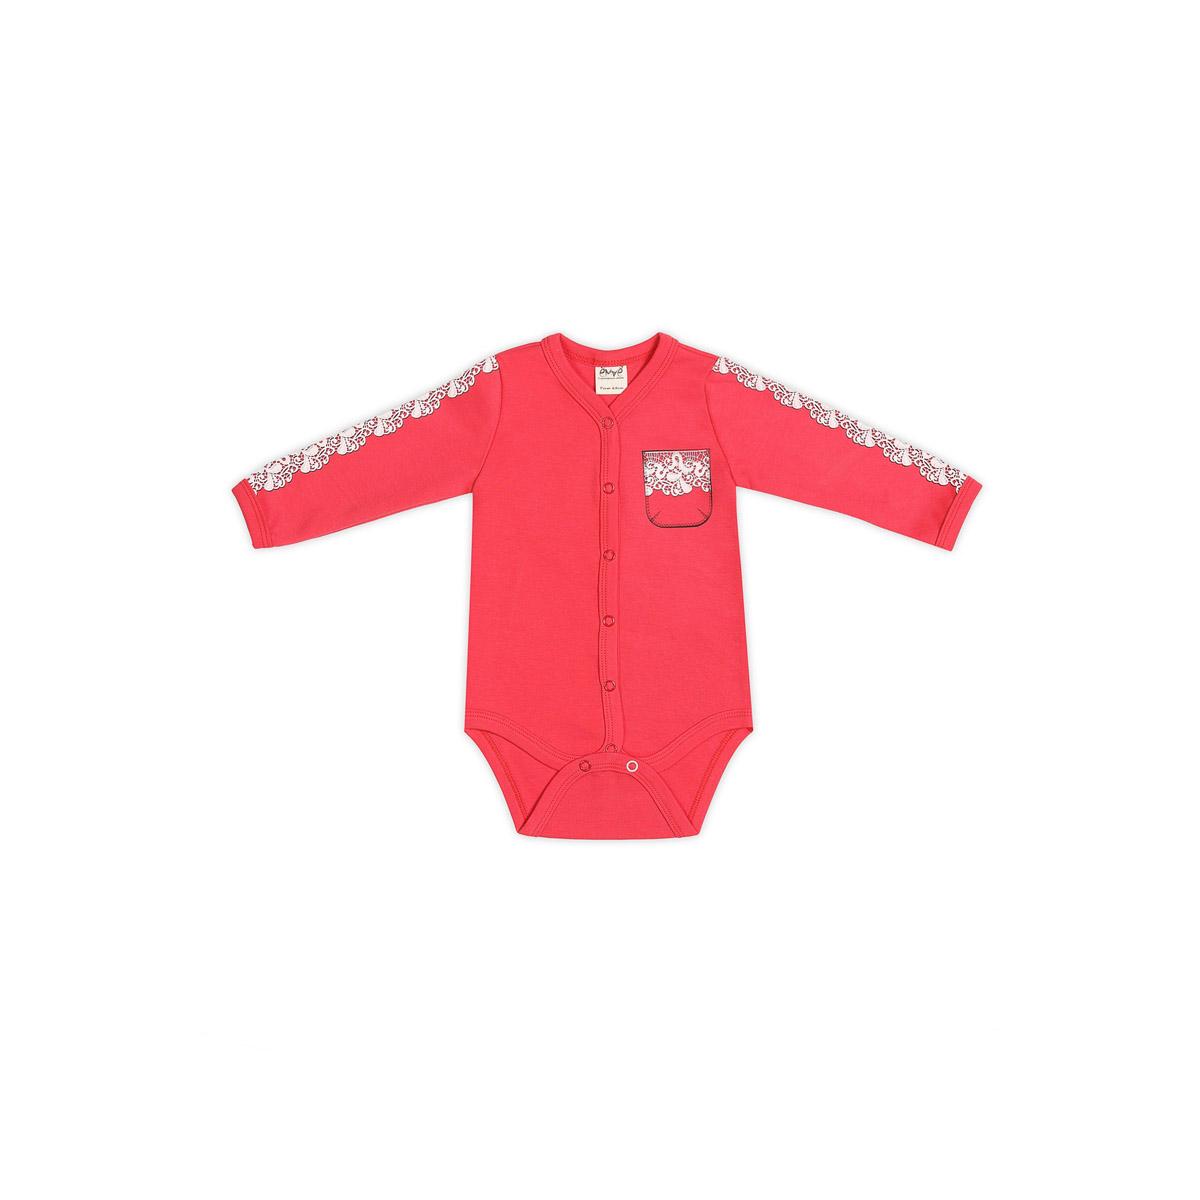 Боди Ёмаё Спорт (24-261) рост 62 ярко-розовый<br>